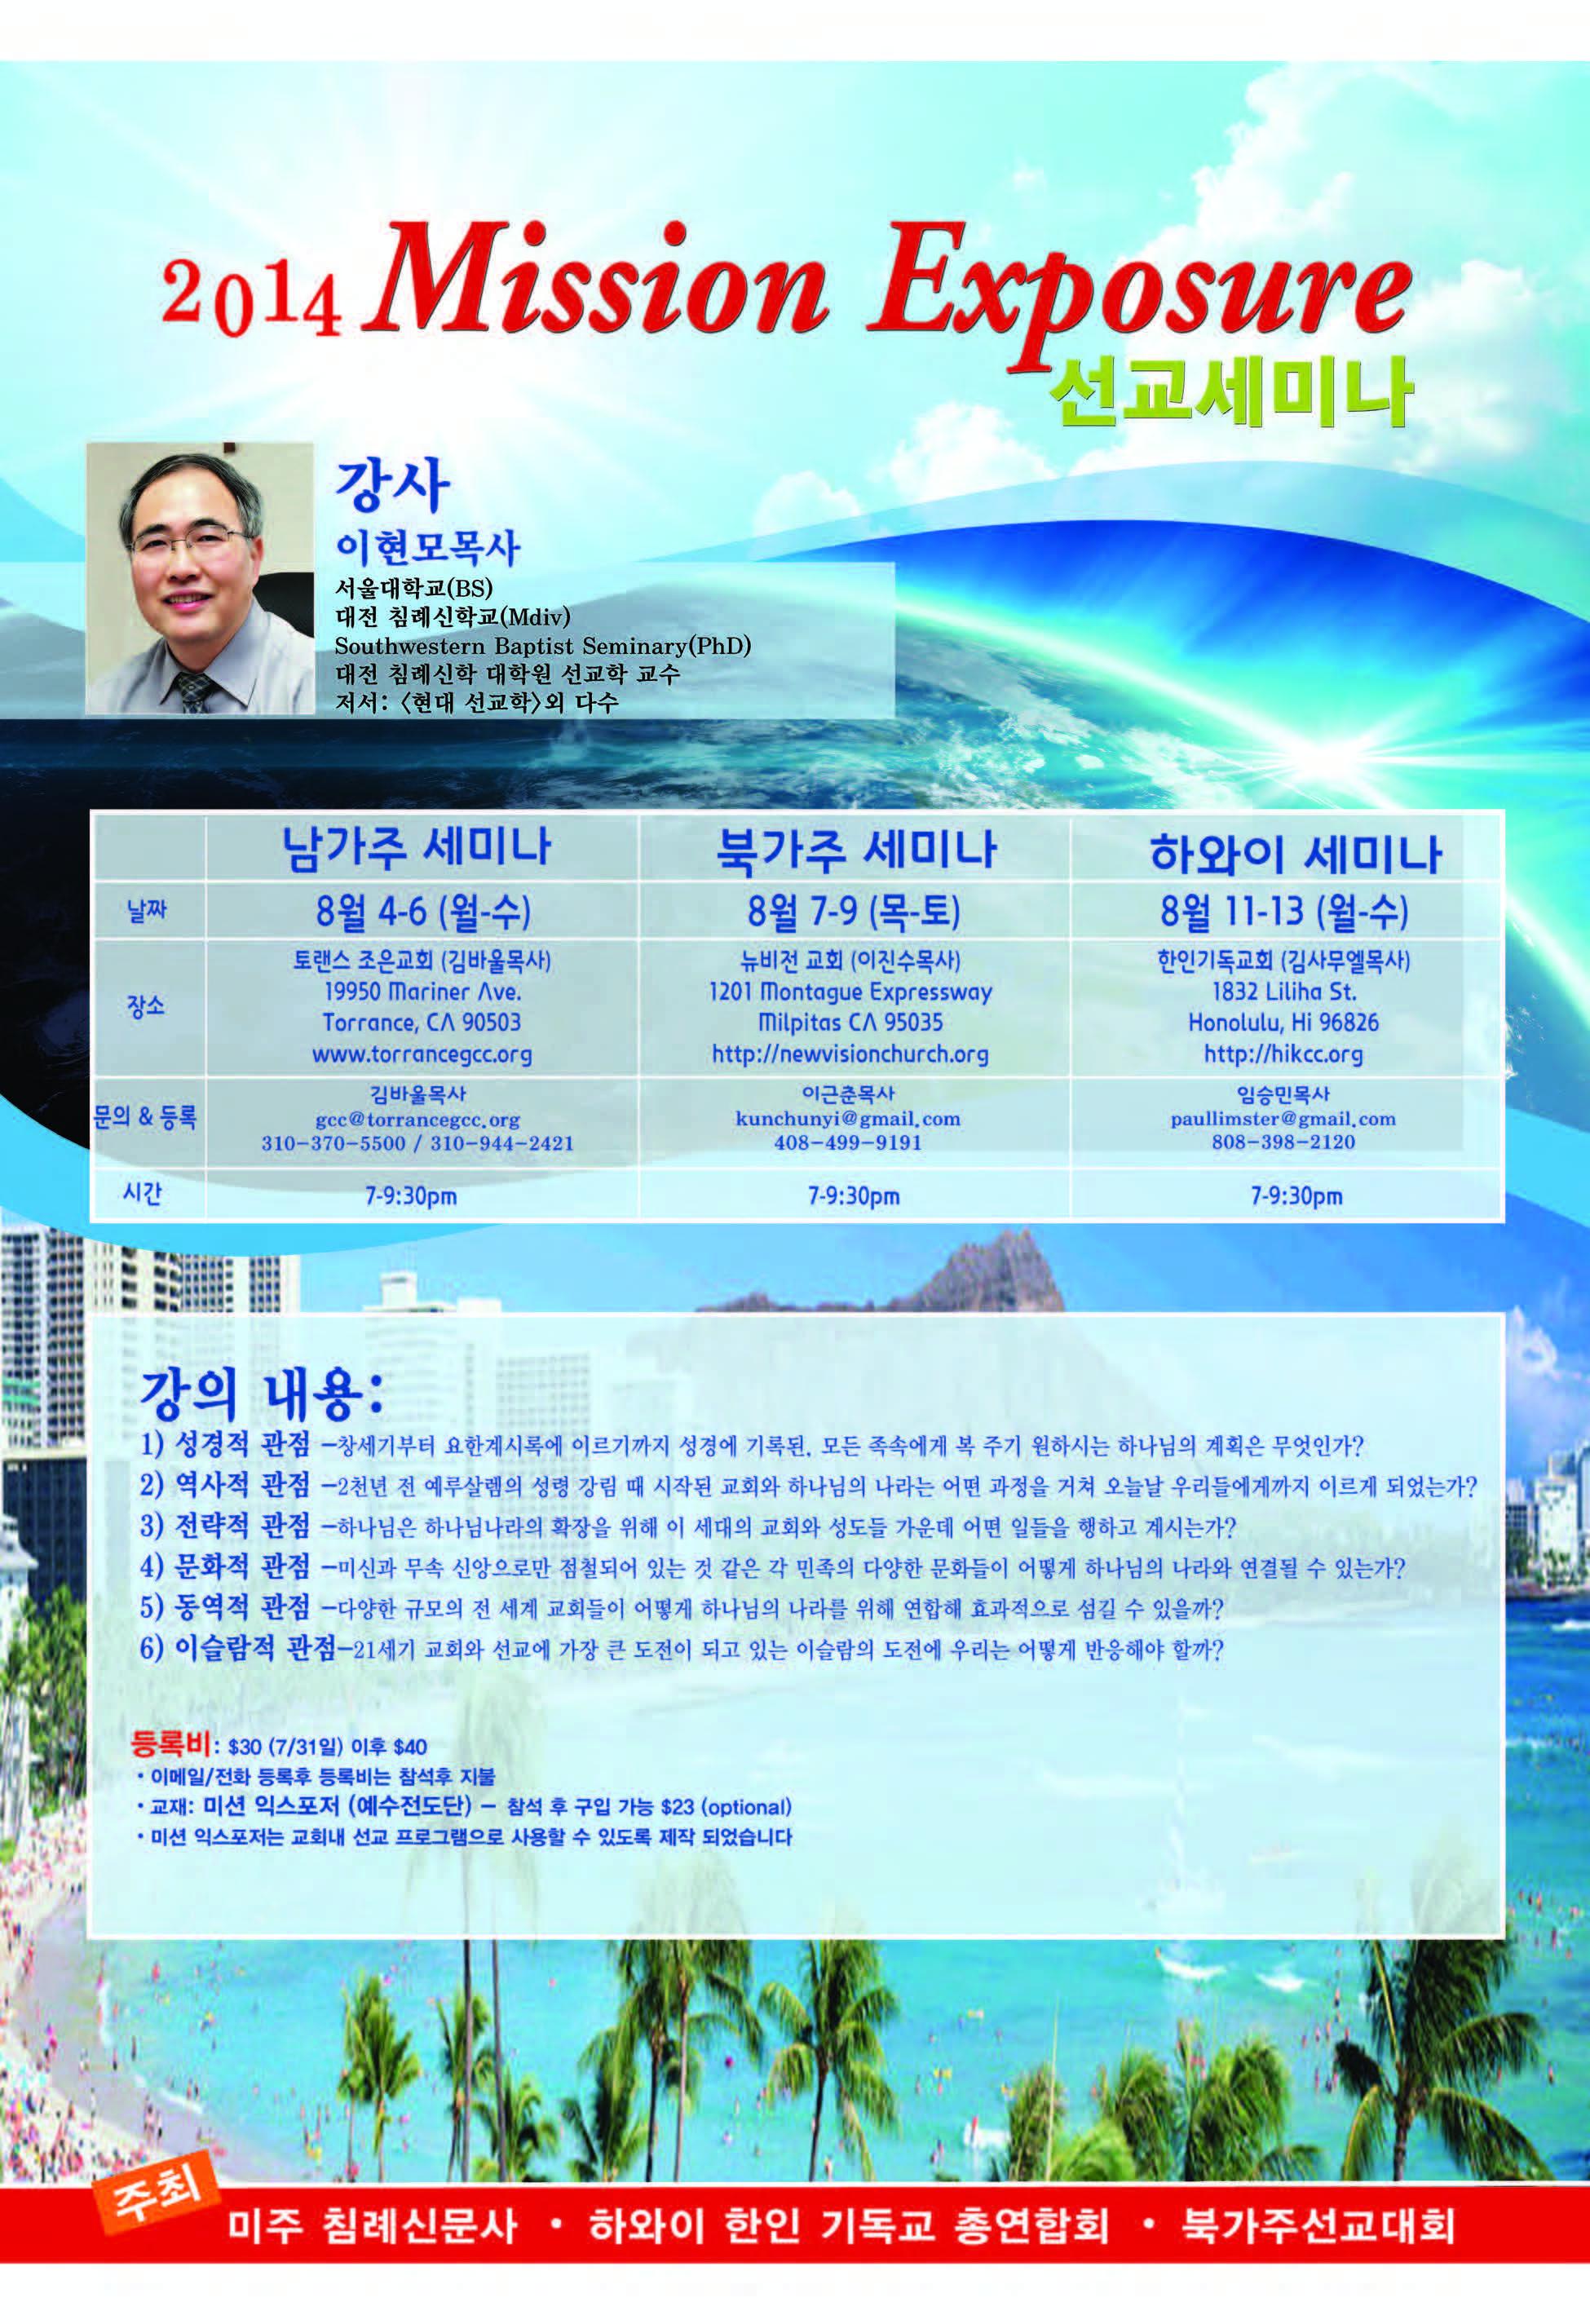 mission exposure  포스터 (533kb).jpg